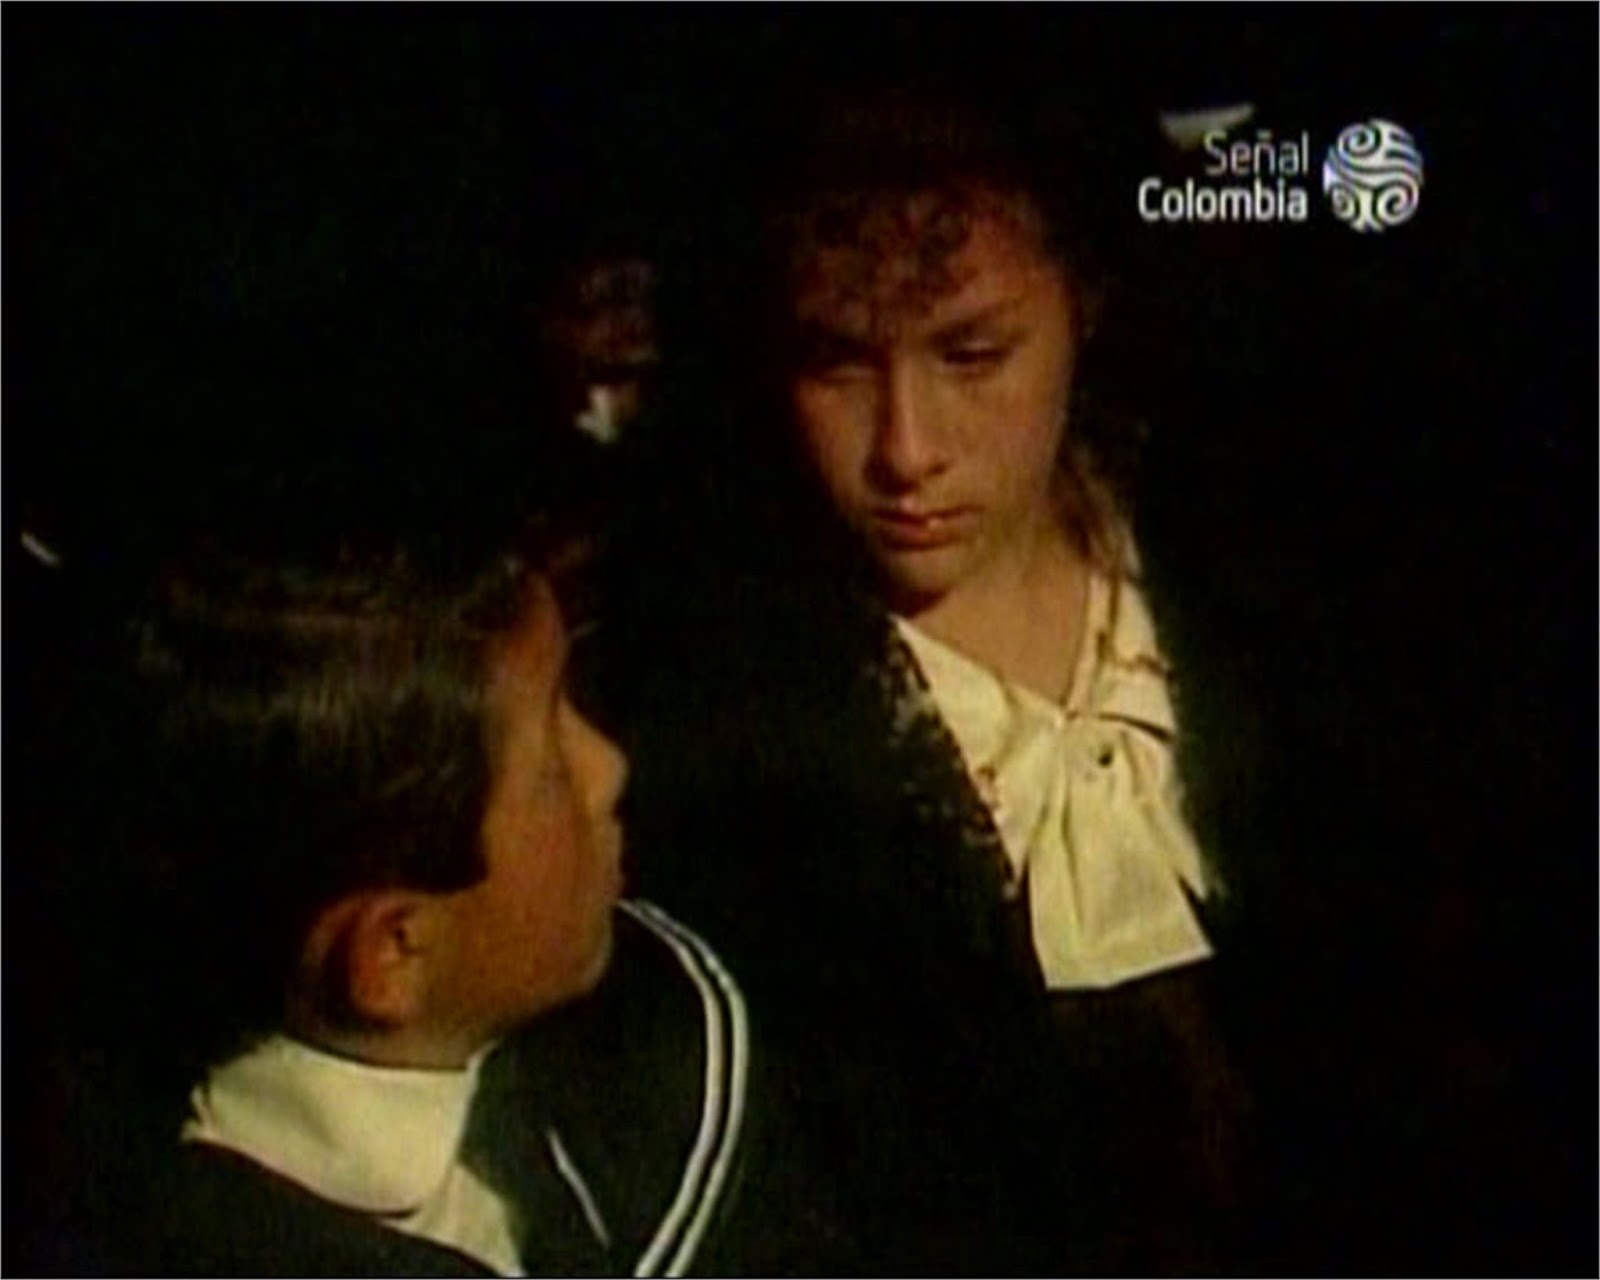 Danna García fotos..La Casa de las dos Palmas 1990 - Página 3 EVANGELINA+(DANNA+GARCIA+NI%C3%91A)+ZZN